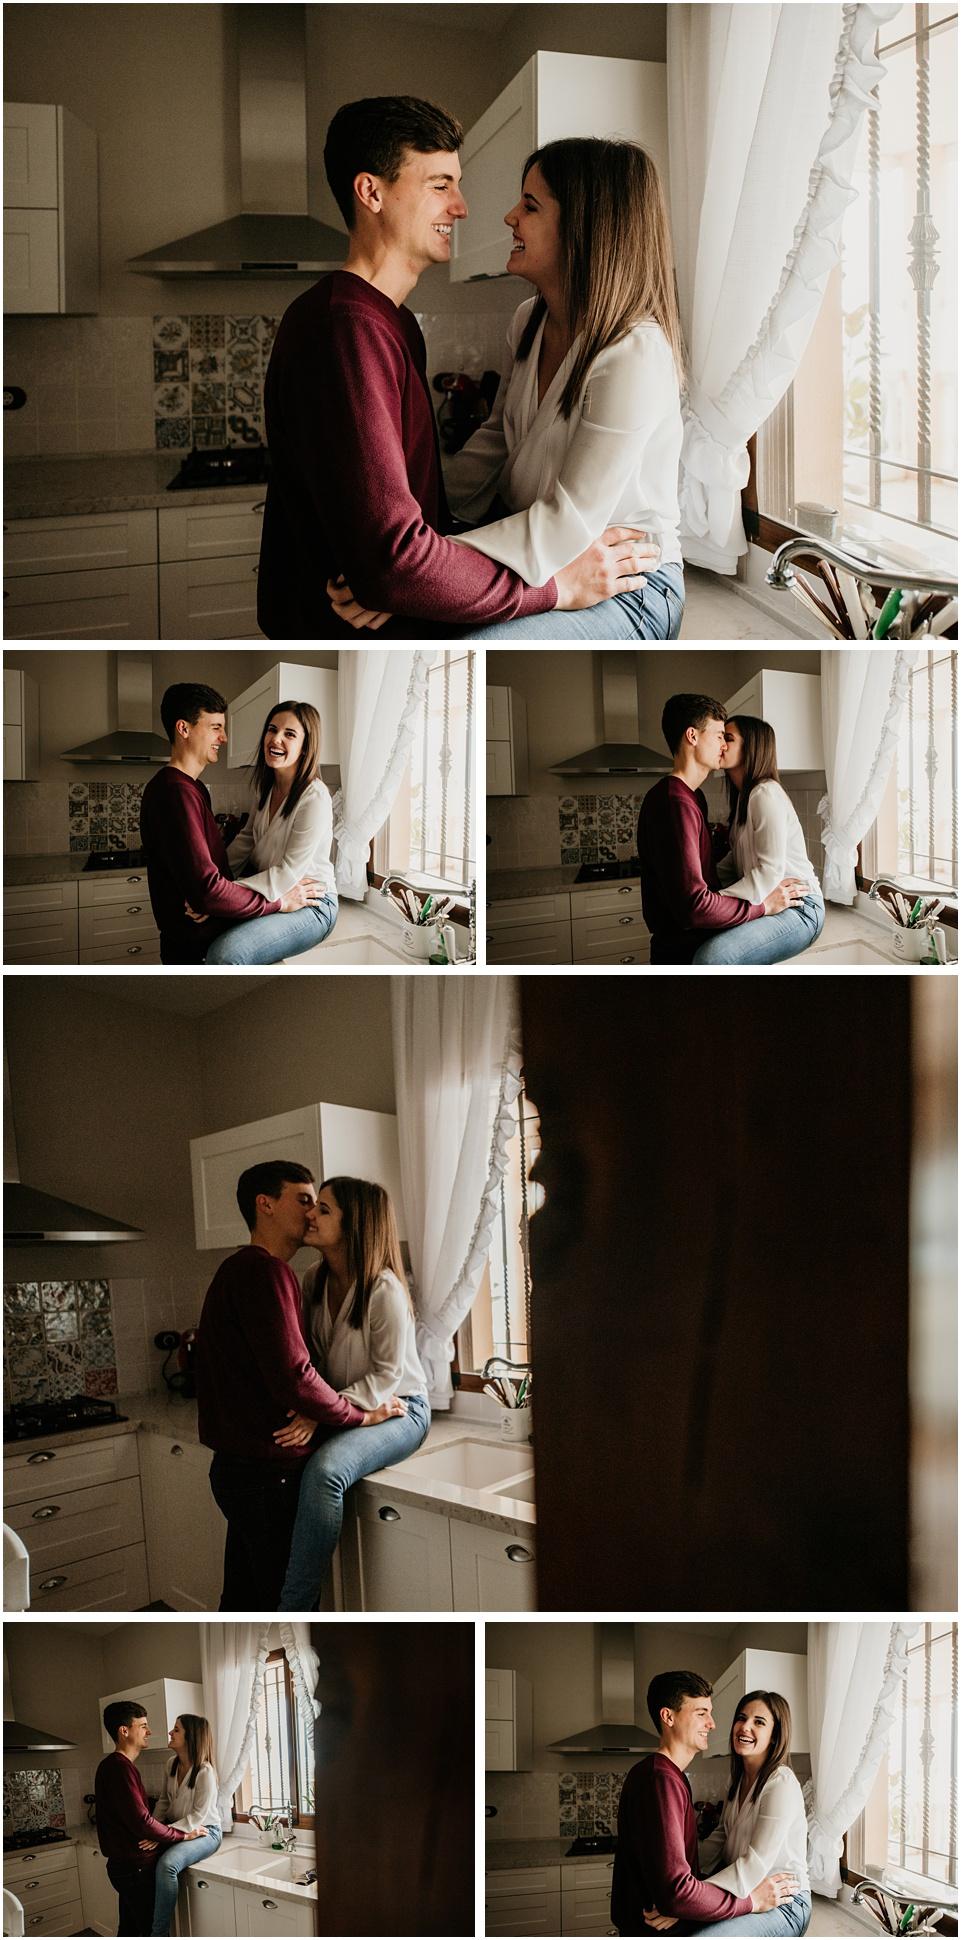 fotografia en pareja,fotografo de boda,fotografo de parejas,fotos de pareja,fotos en casa,jaen,sesion de pareja en casa,sesion en pareja,sesiones de pareja,